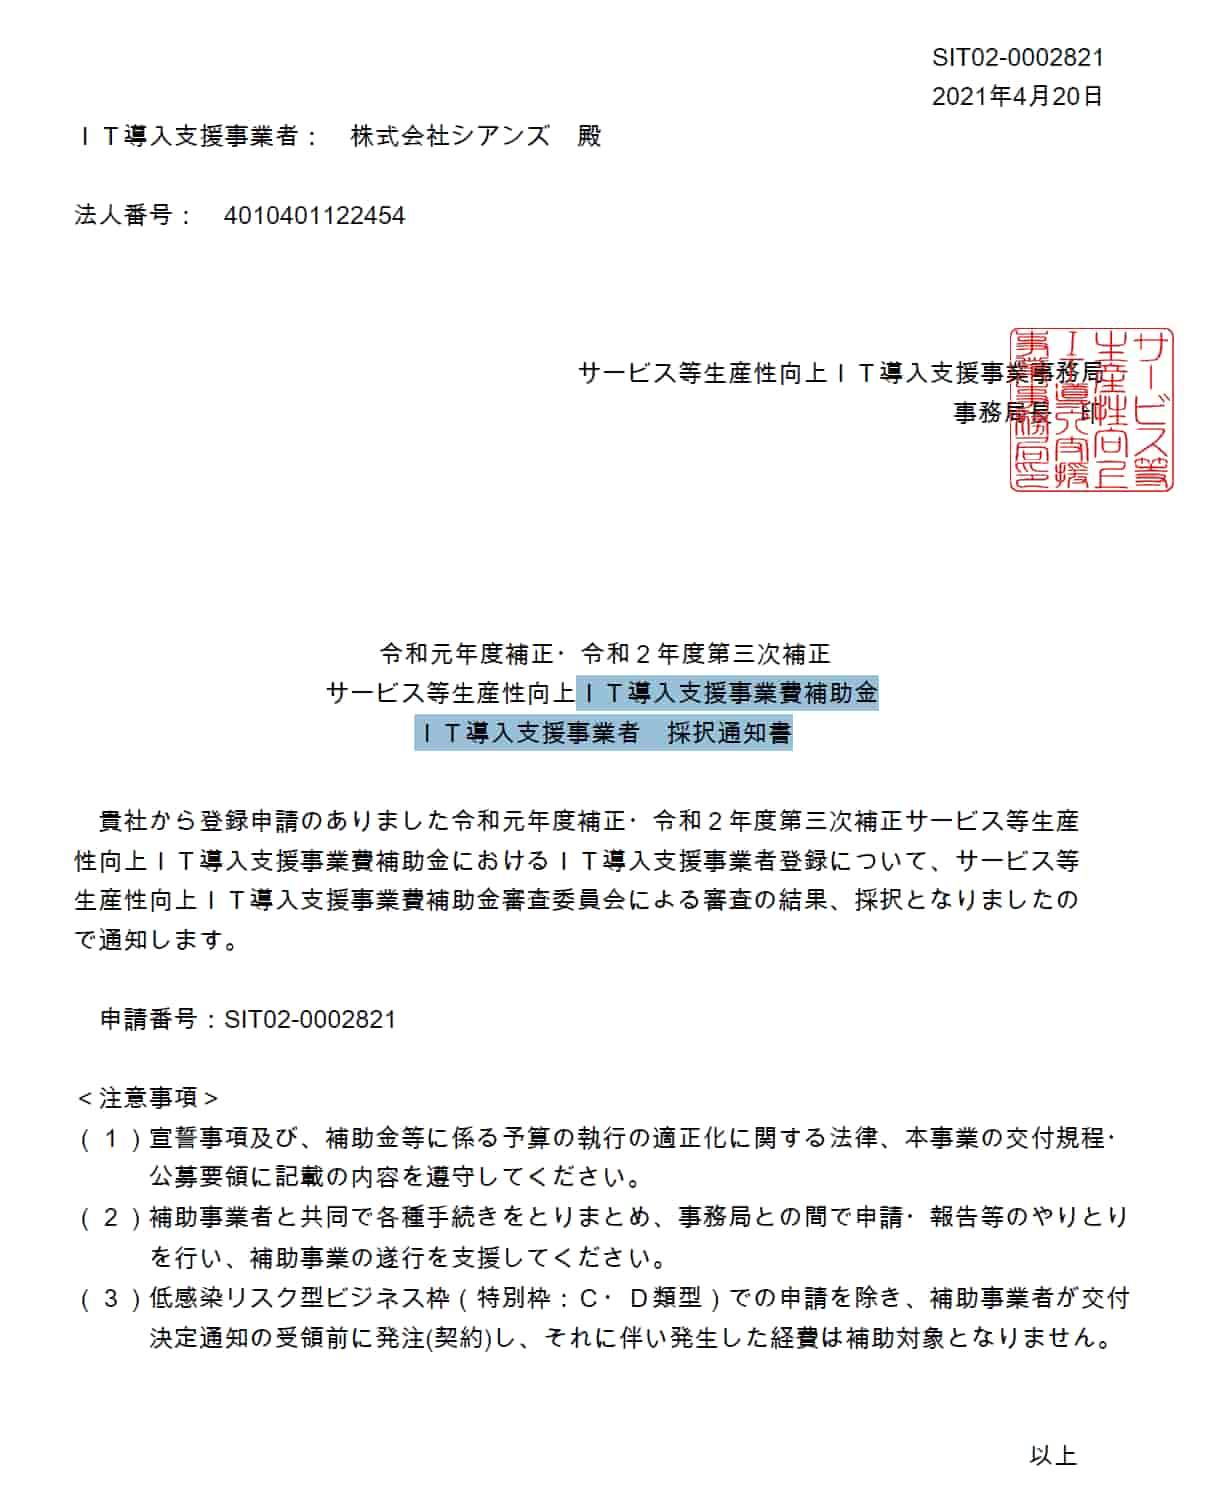 IT導入支援事業者の採択通知書